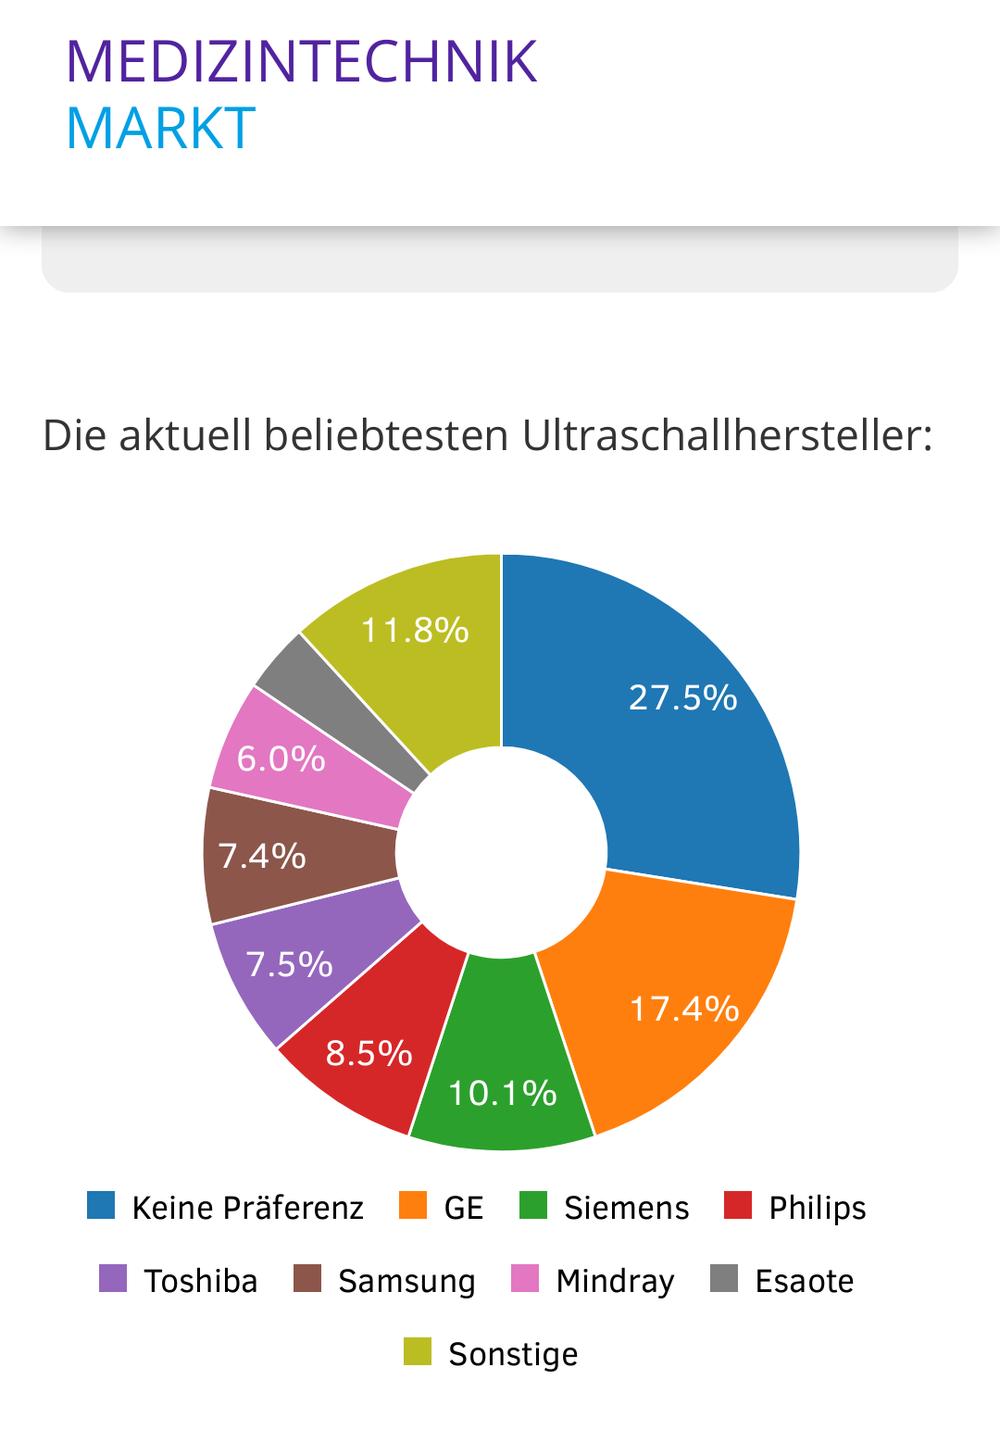 Die beliebtesten Ultraschallhersteller (Quelle: www.medizintechnikmarkt.de)